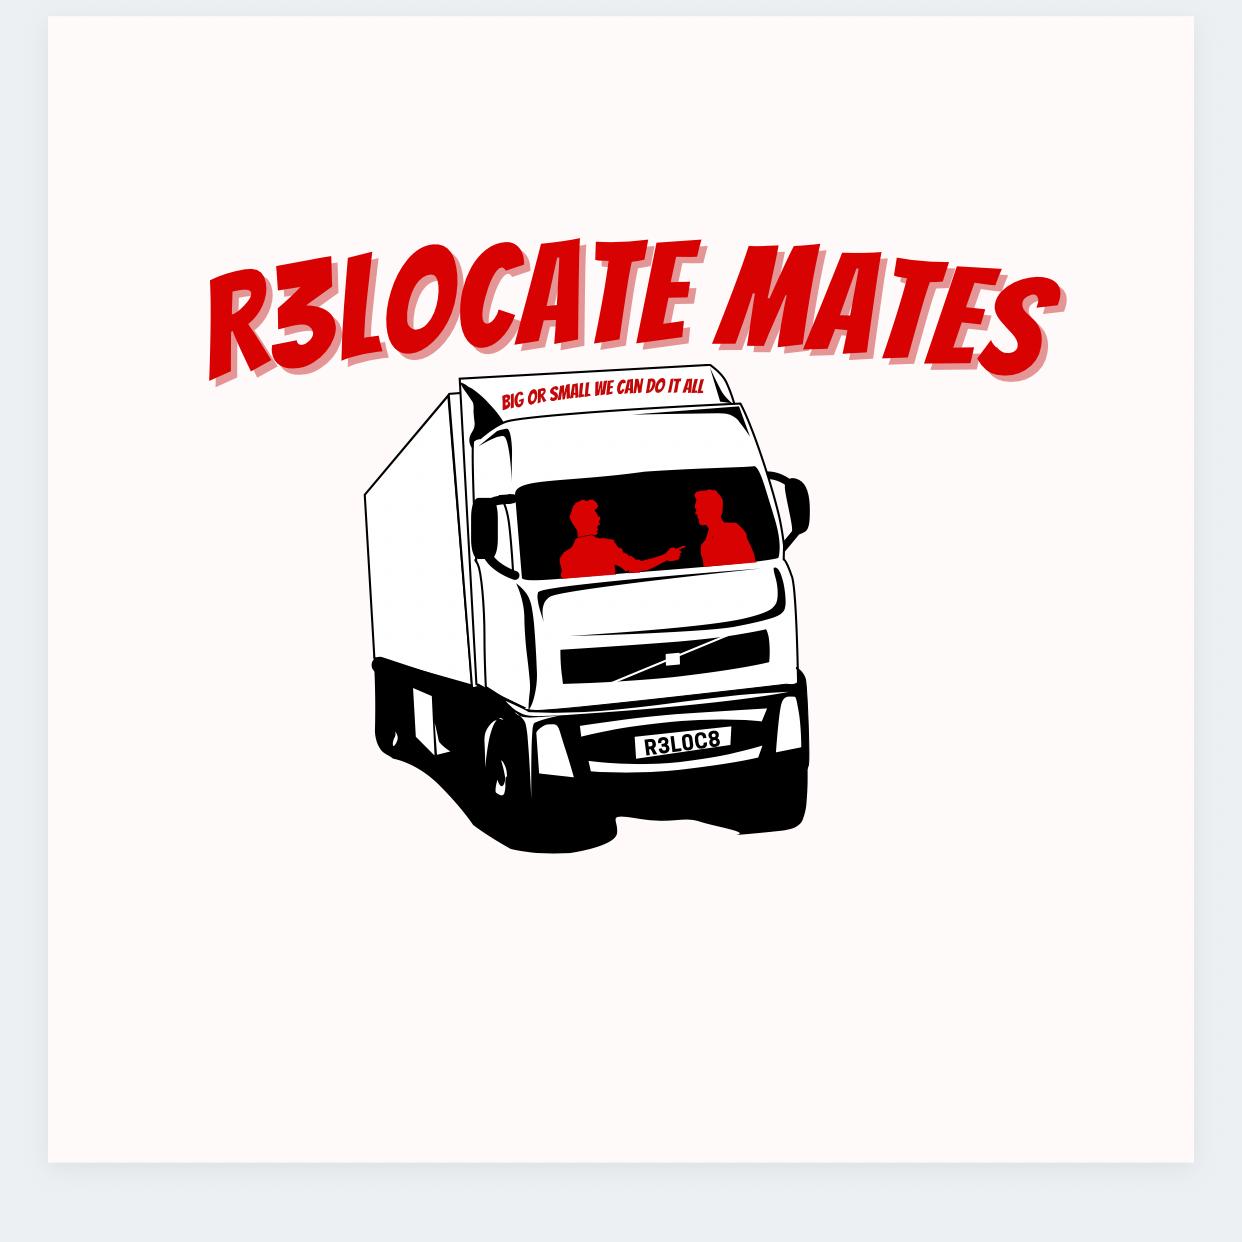 R3locate Mates